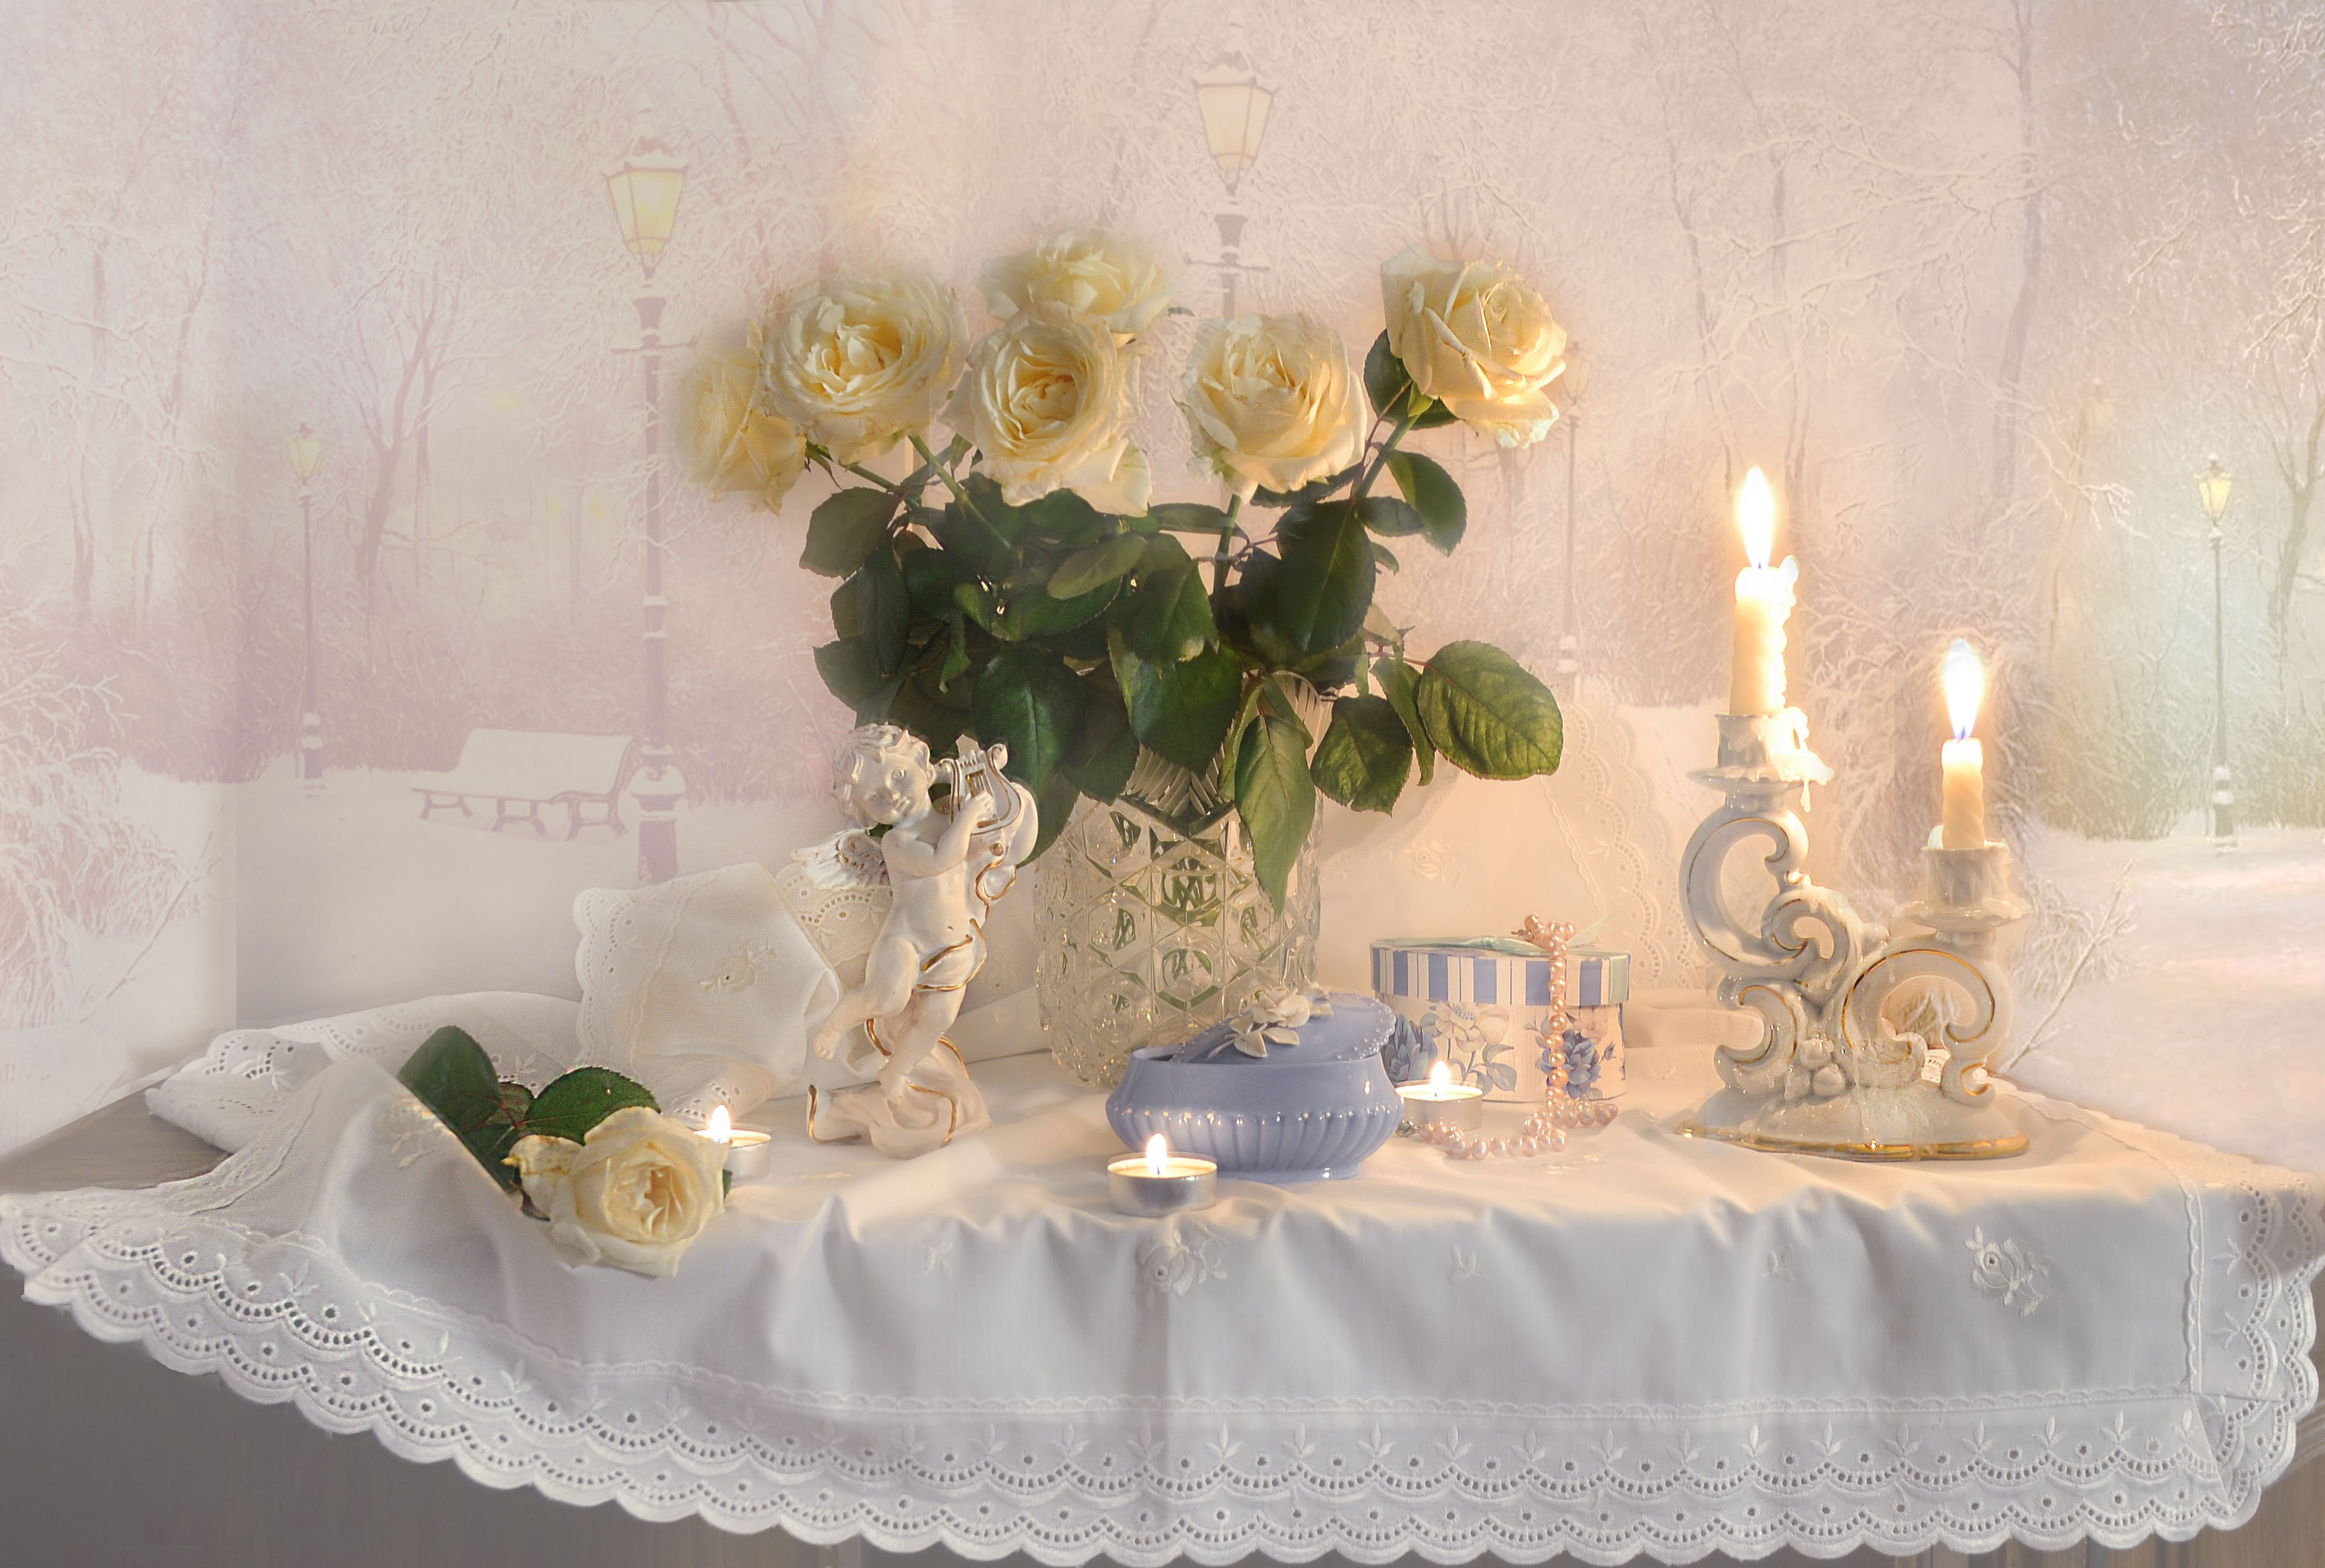 still life,натюрморт,фото натюрморт, зима,январь, цветы, розы, свечи, подсвечник, ангел, настроение, Колова Валентина